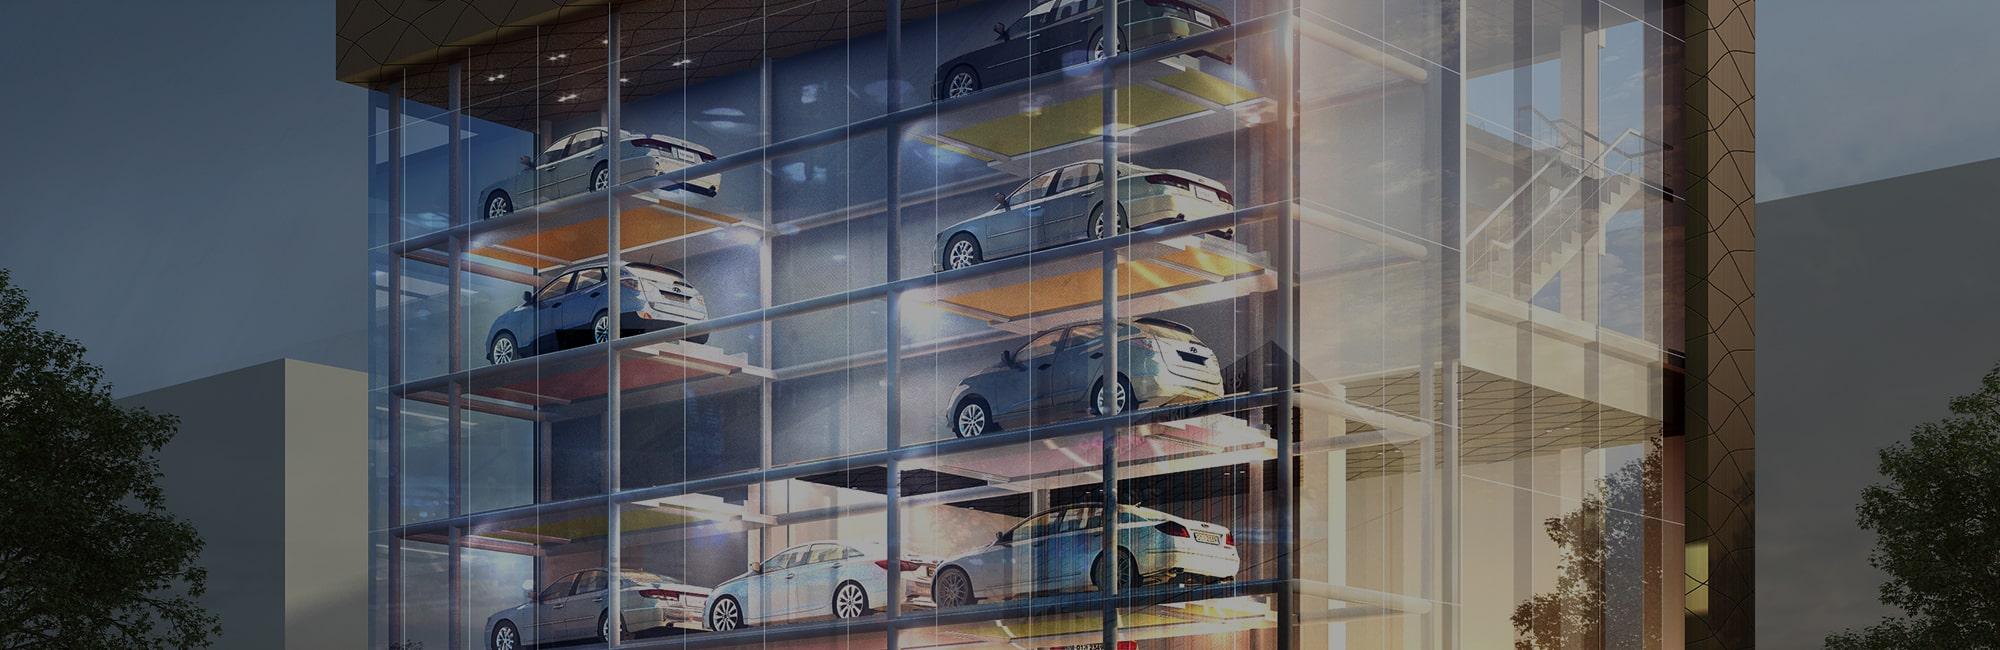 주차설비 설계,제작 및 설치 태창이엔피